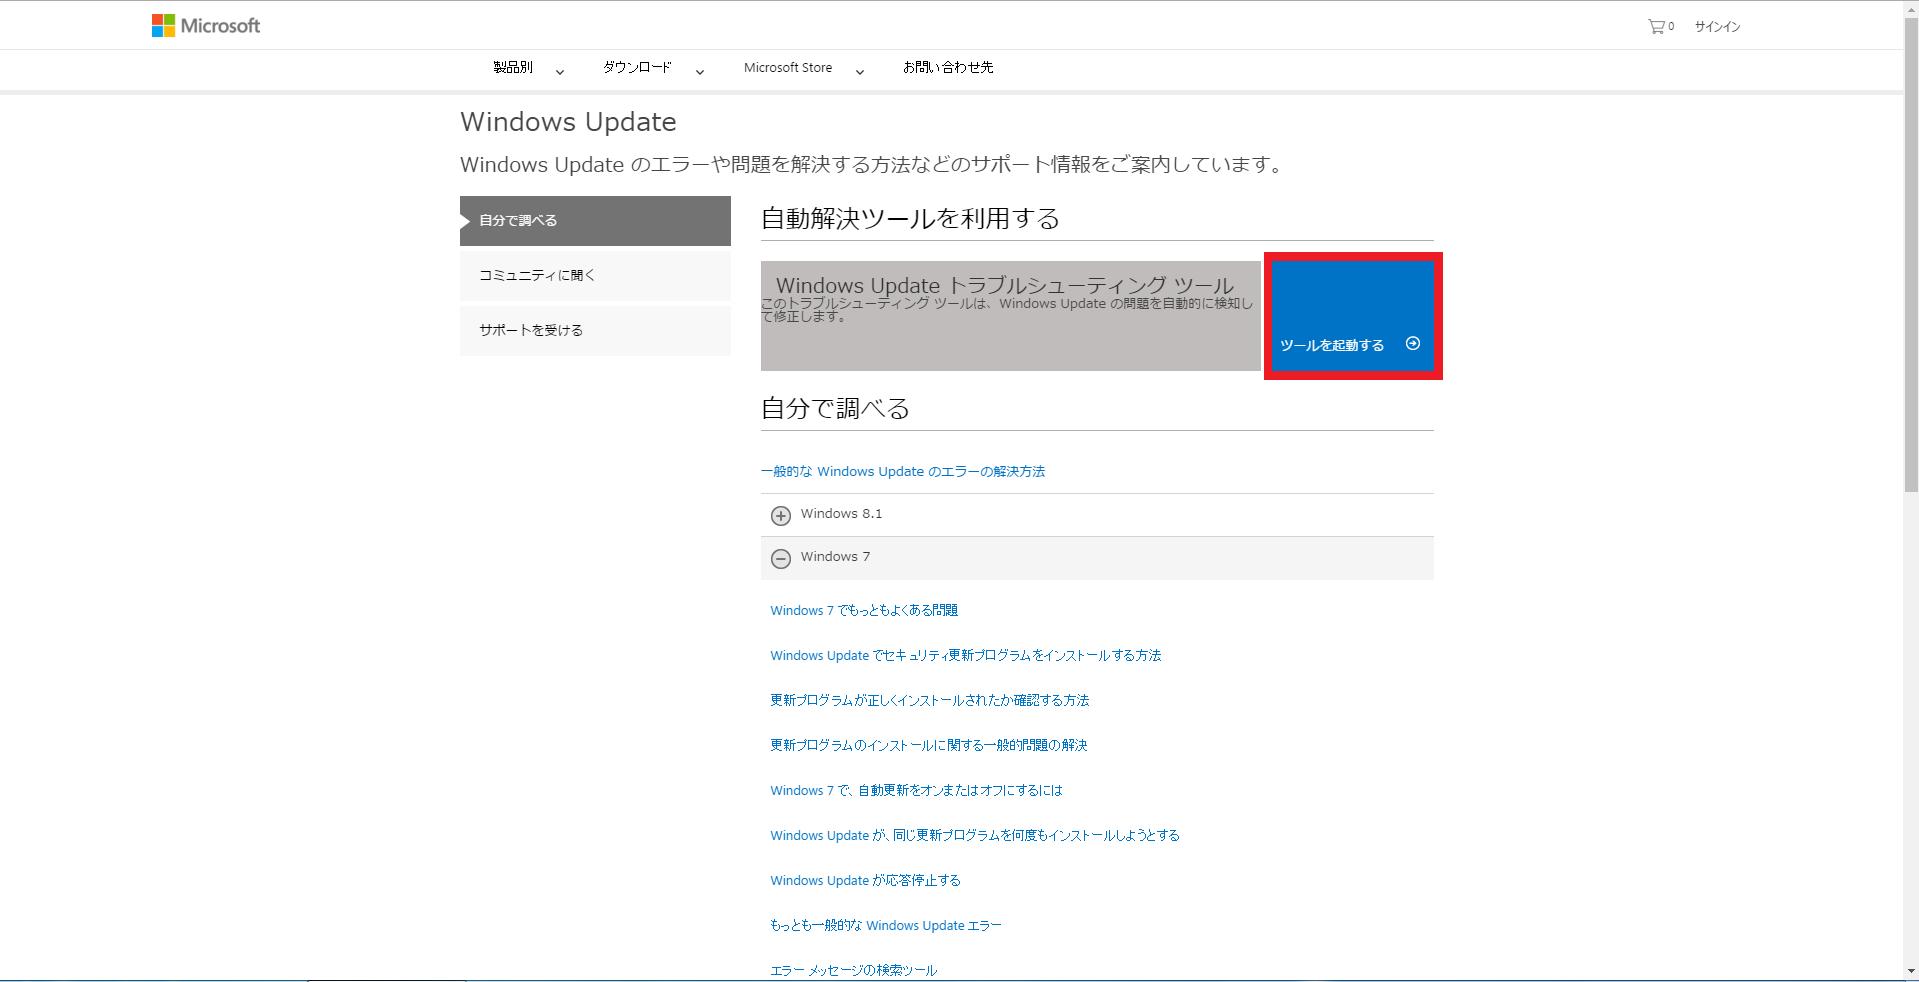 Windows7 トラブルシューティングツールを手動で行う方法1 青色のツールを起動するを左クリック